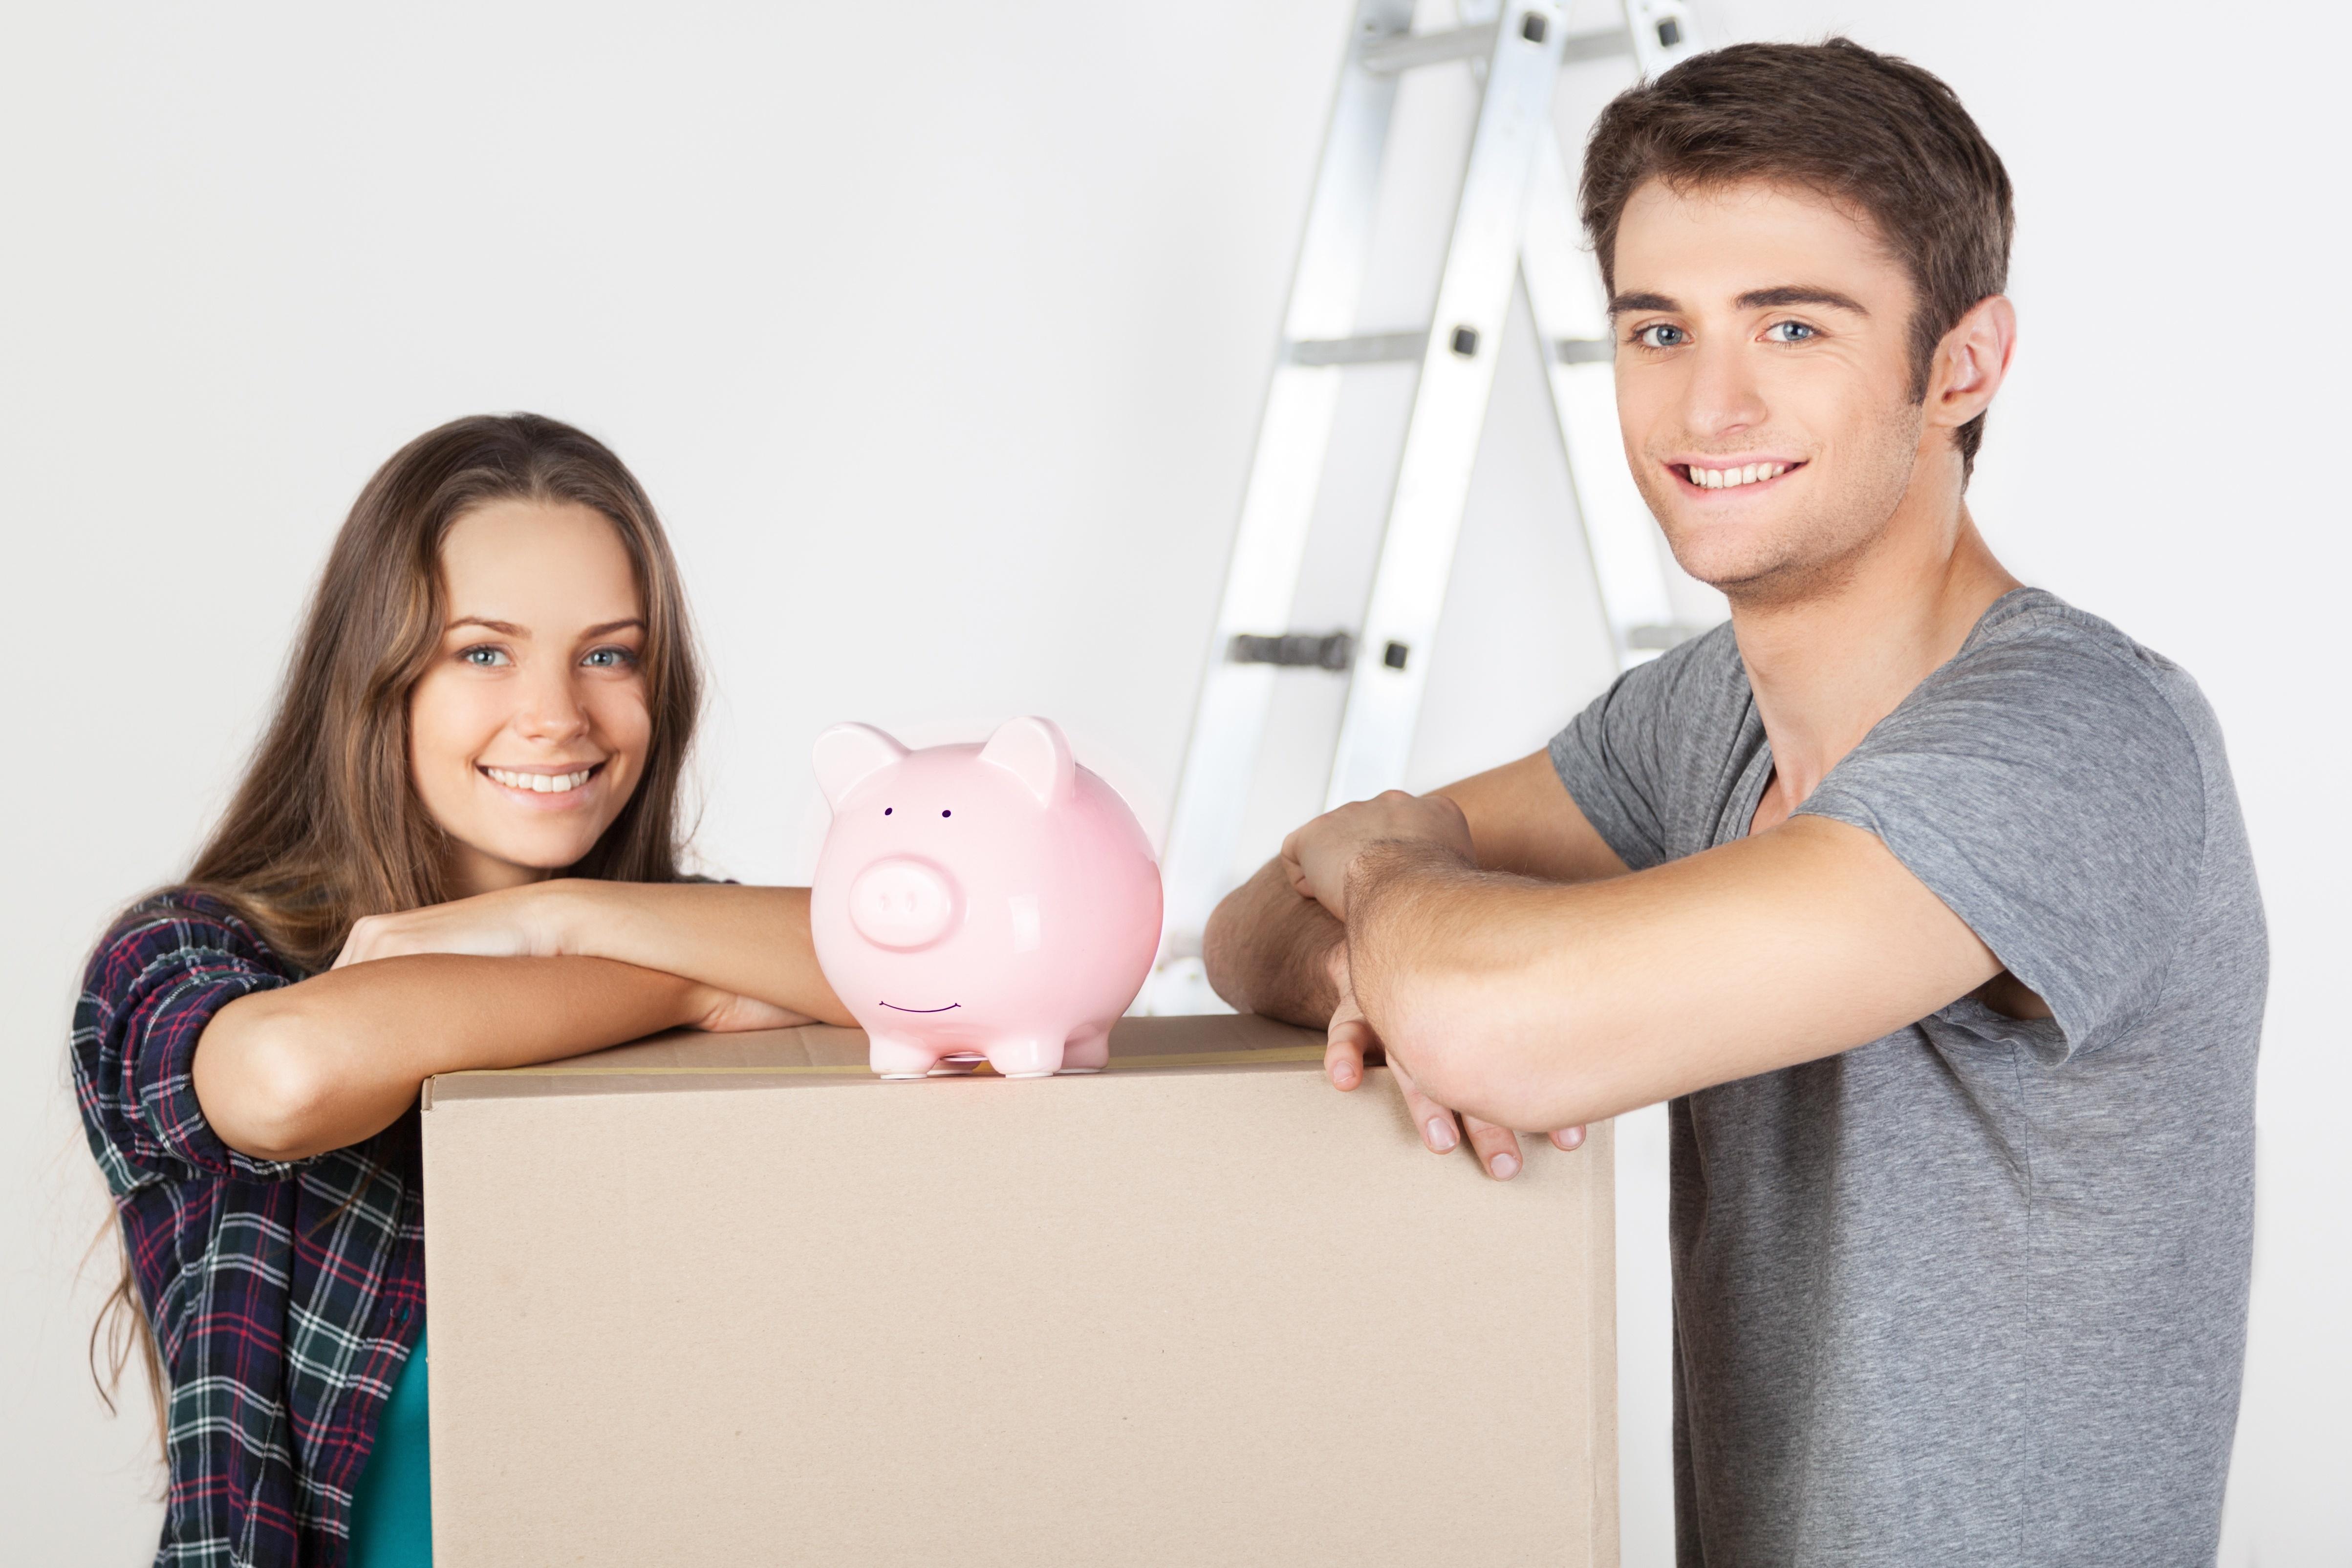 Déduction des frais de déménagement pour le travail